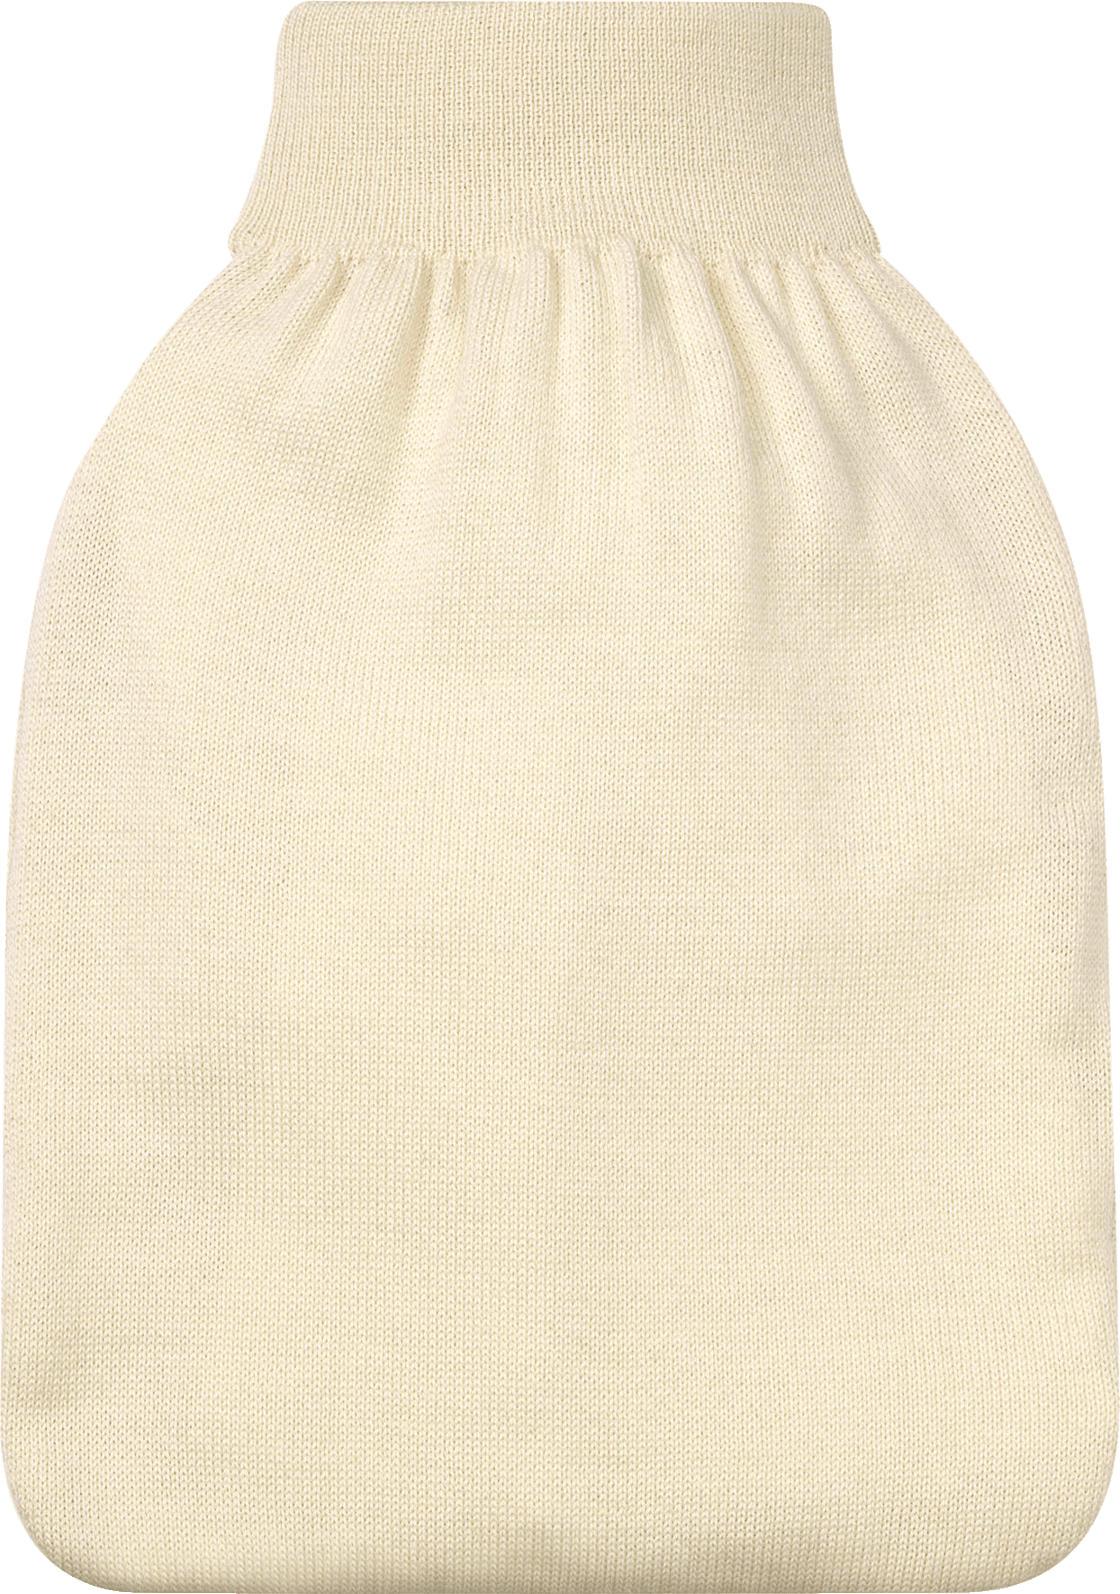 neue Sachen gemütlich frisch bestbewertet billig ALANA Baby Strampelsack, Gr. 62/68, in Bio-Wolle, natur, für Mädchen und  Jungen